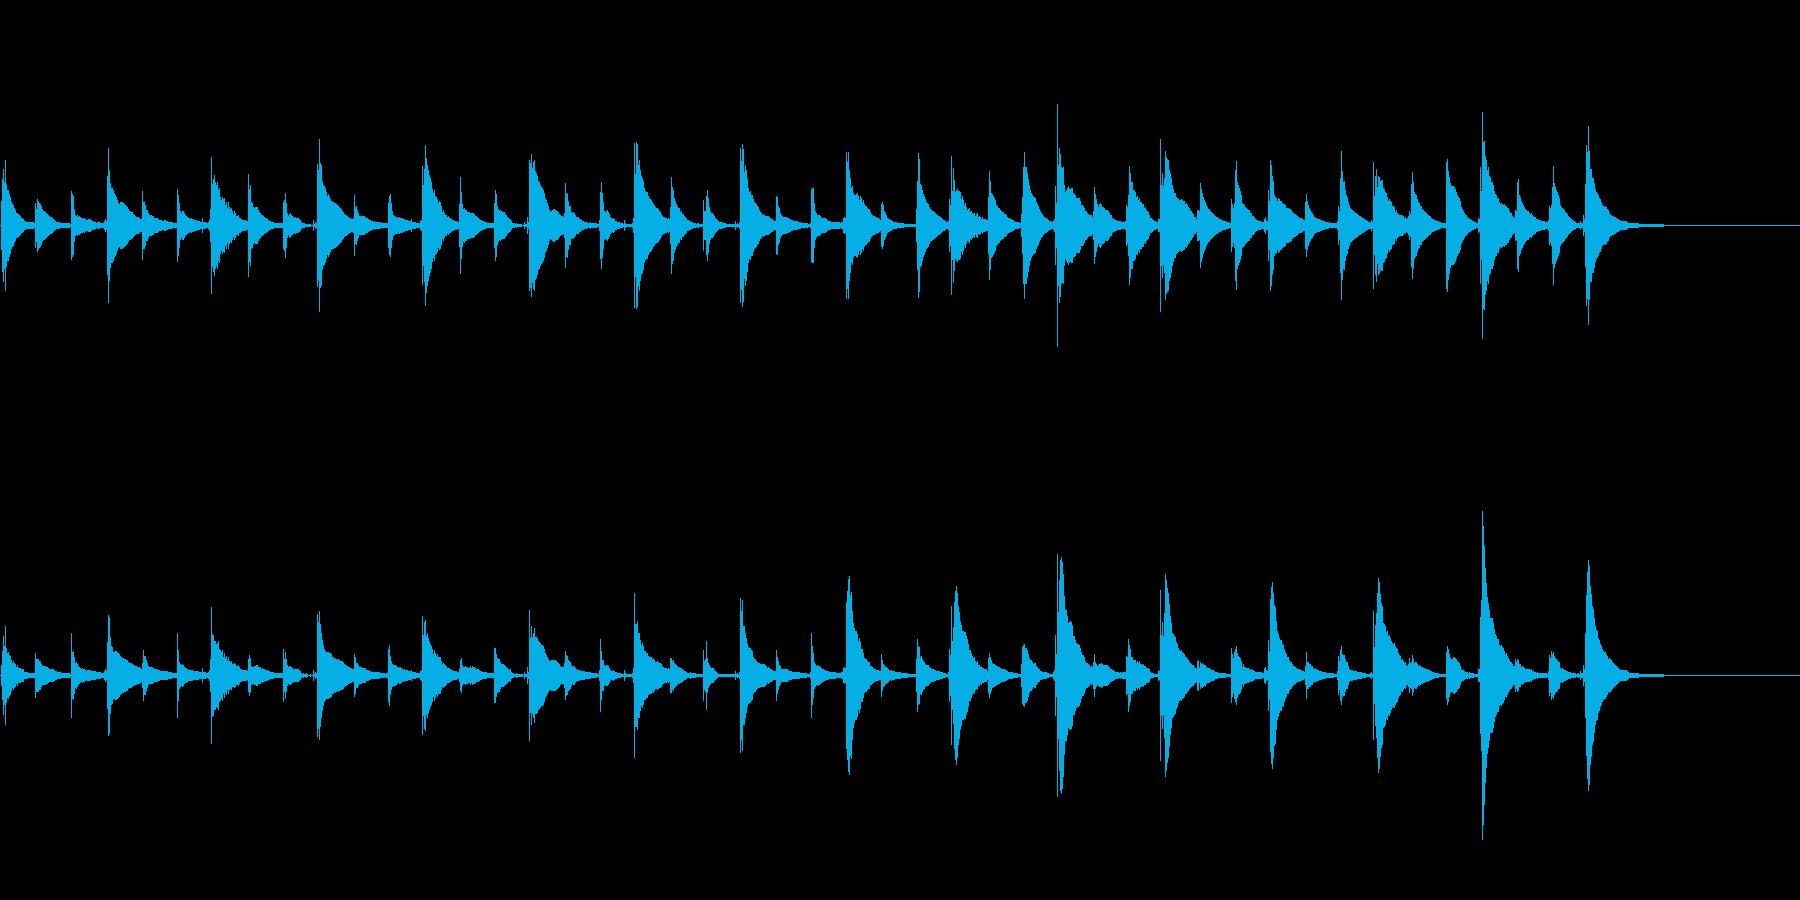 思考中、想像中、寝る前、不思議ウクレレ曲の再生済みの波形